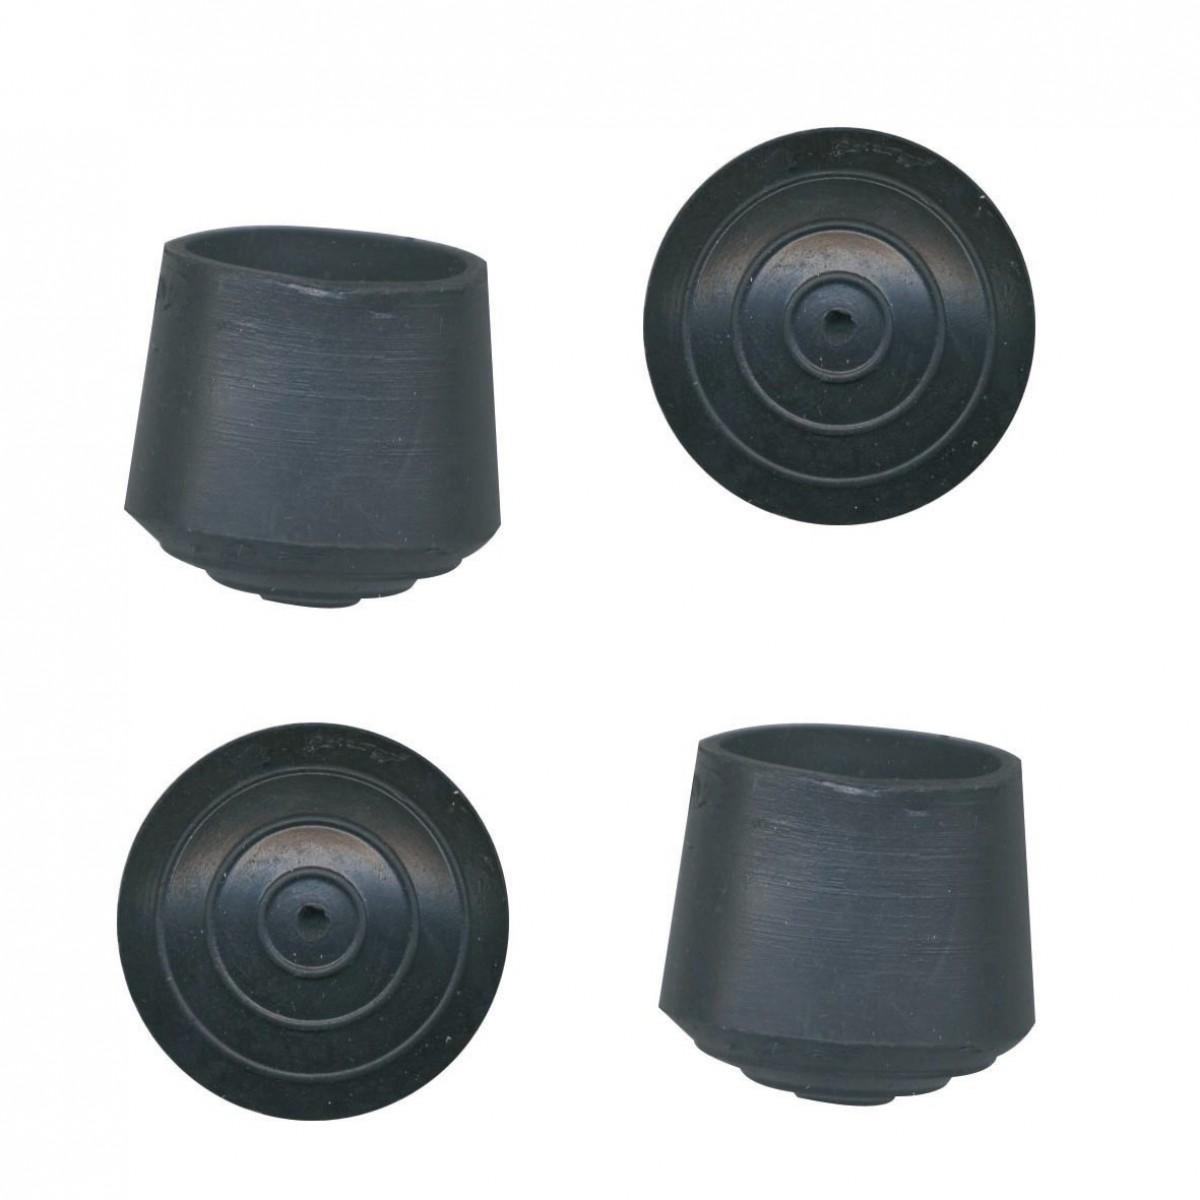 Embout enveloppant caoutchouc noir PVM - Diamètre 25 mm - Vendu par 4